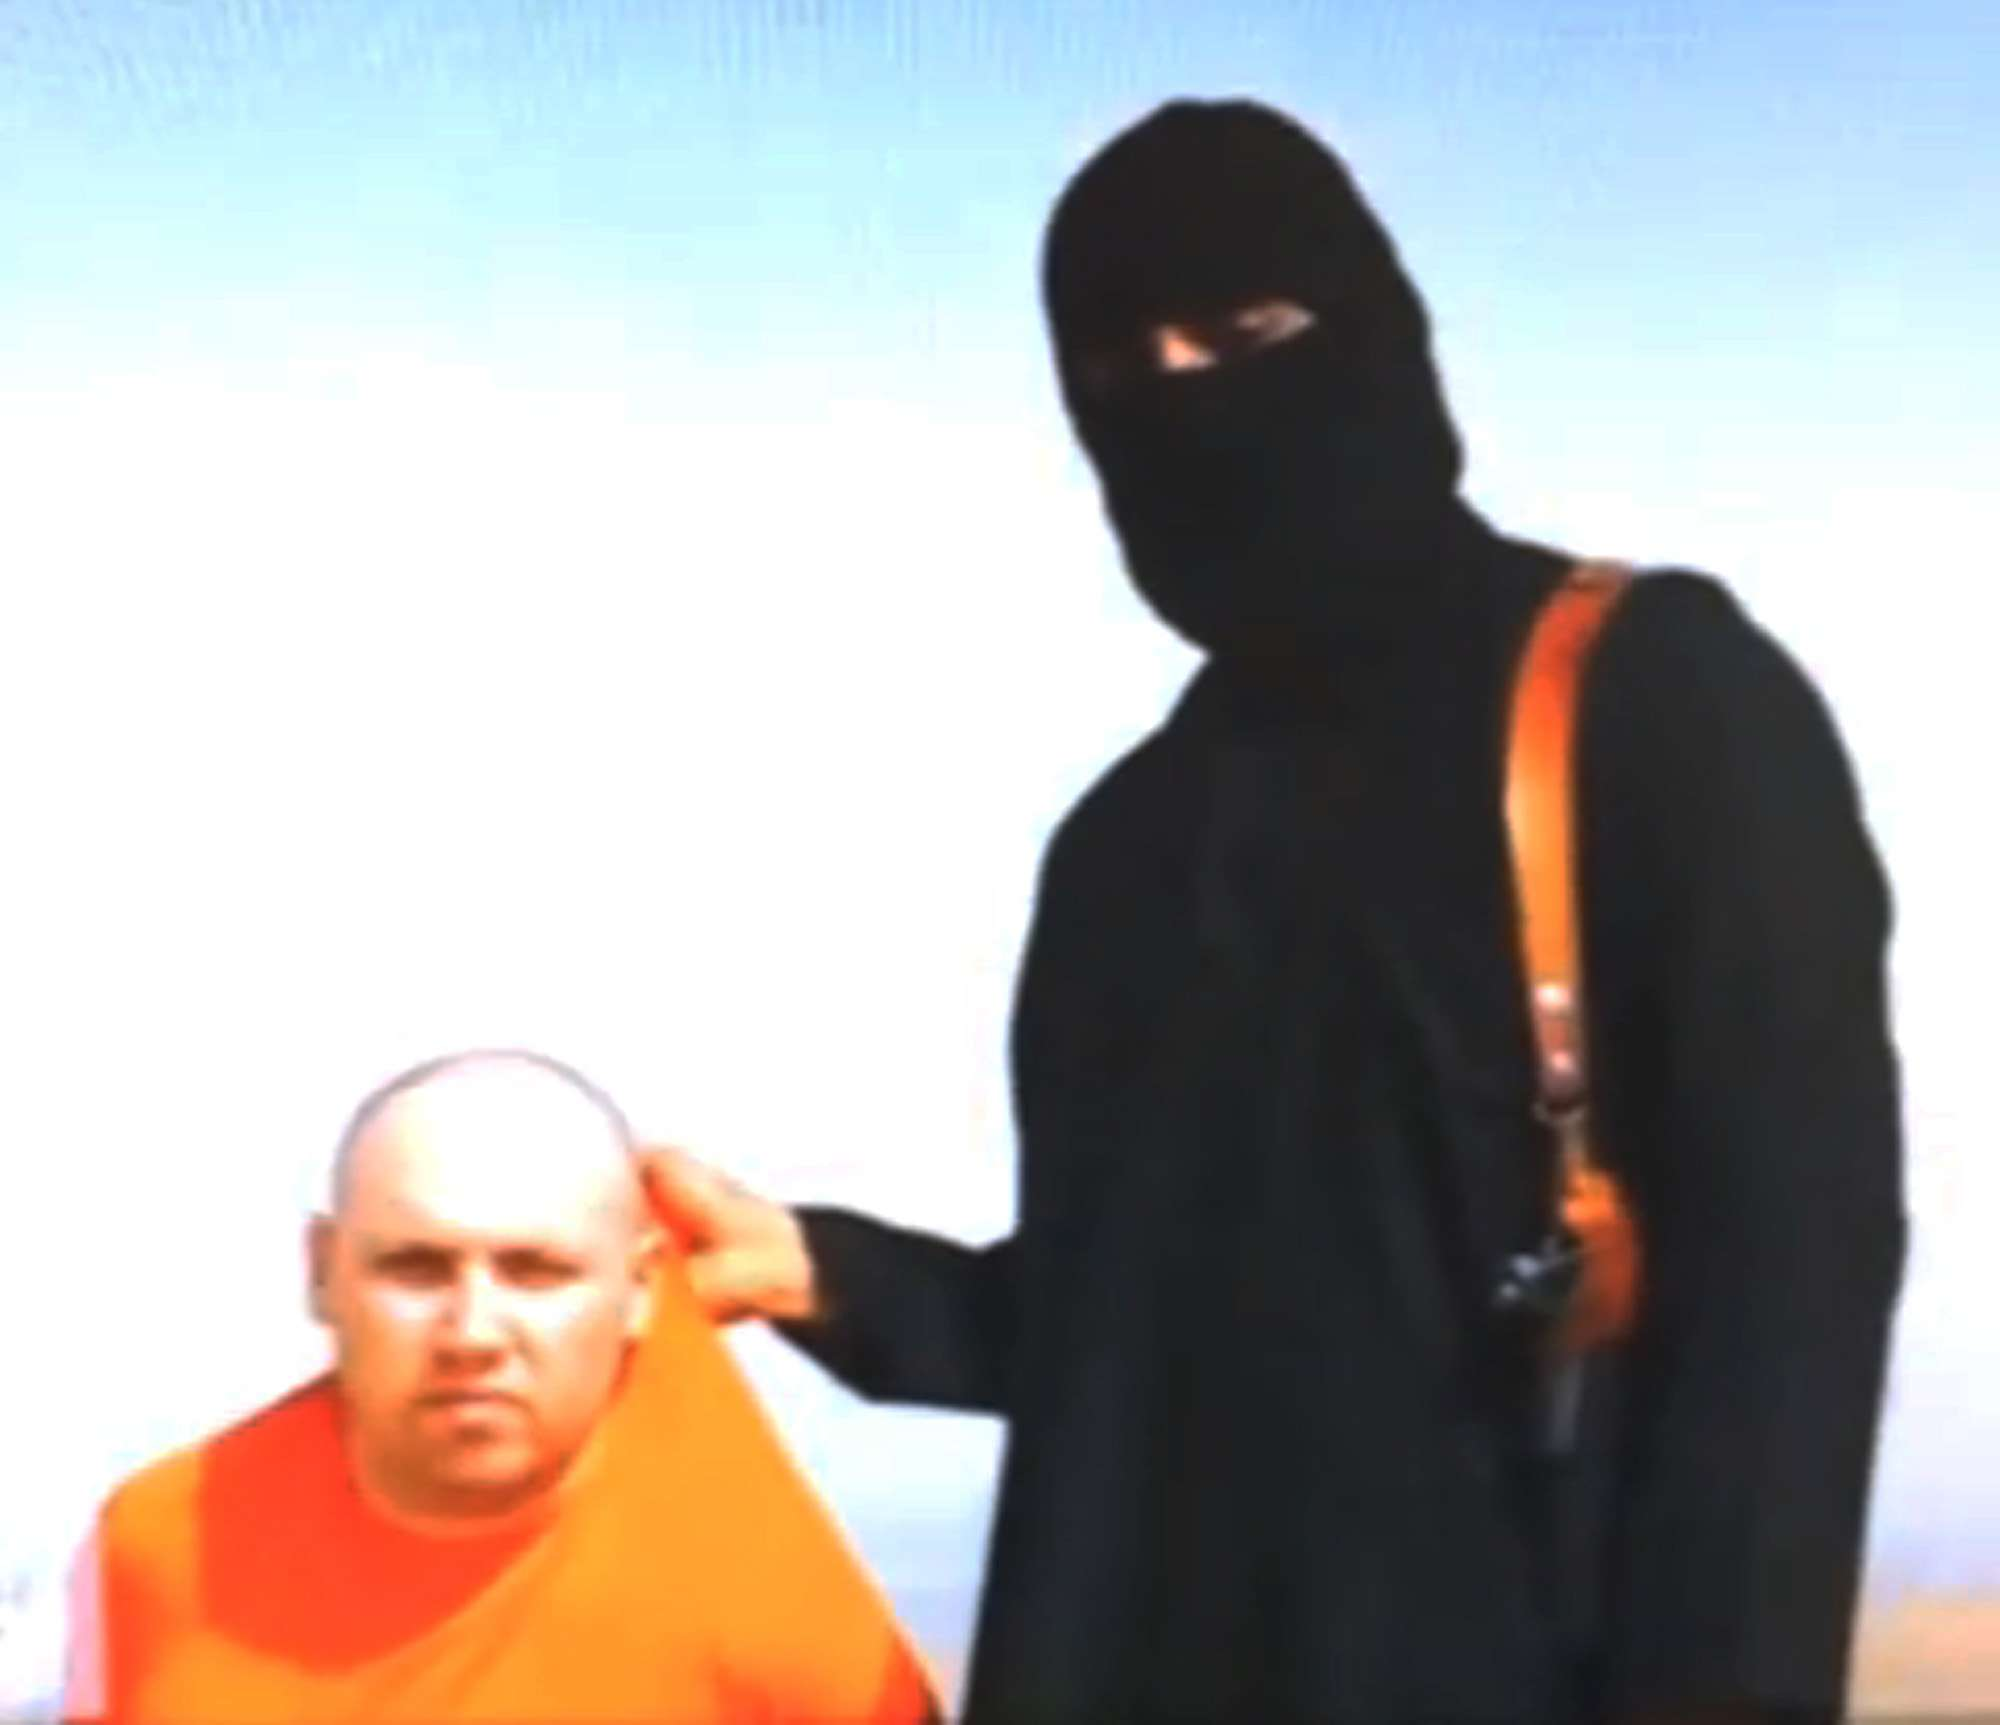 """El """"Yihadista John"""" aparece en el video de la ejecución del periodista estadounidense Steven Sotloff. Foto: AP en español"""